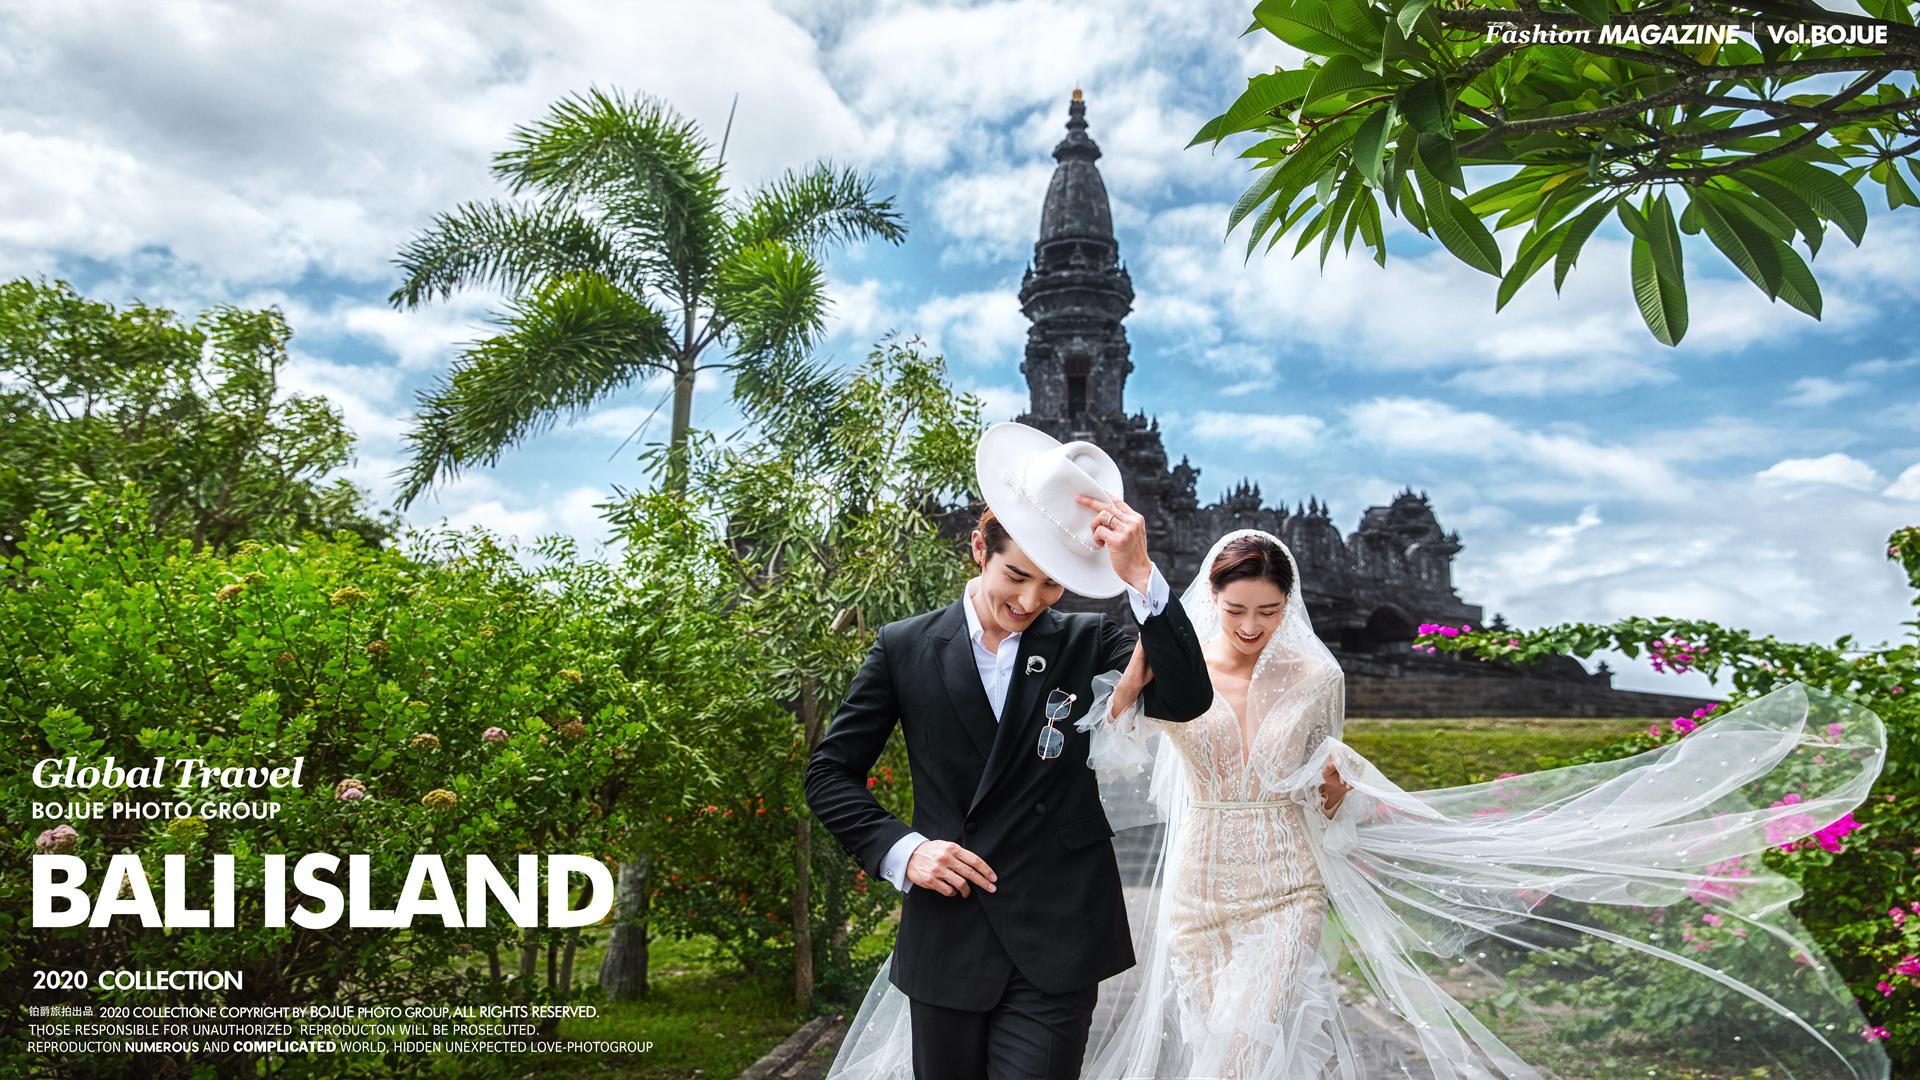 怎么挑选婚纱照取景地点 厦门婚纱照拍摄取景地点推荐 内景外景如何选择